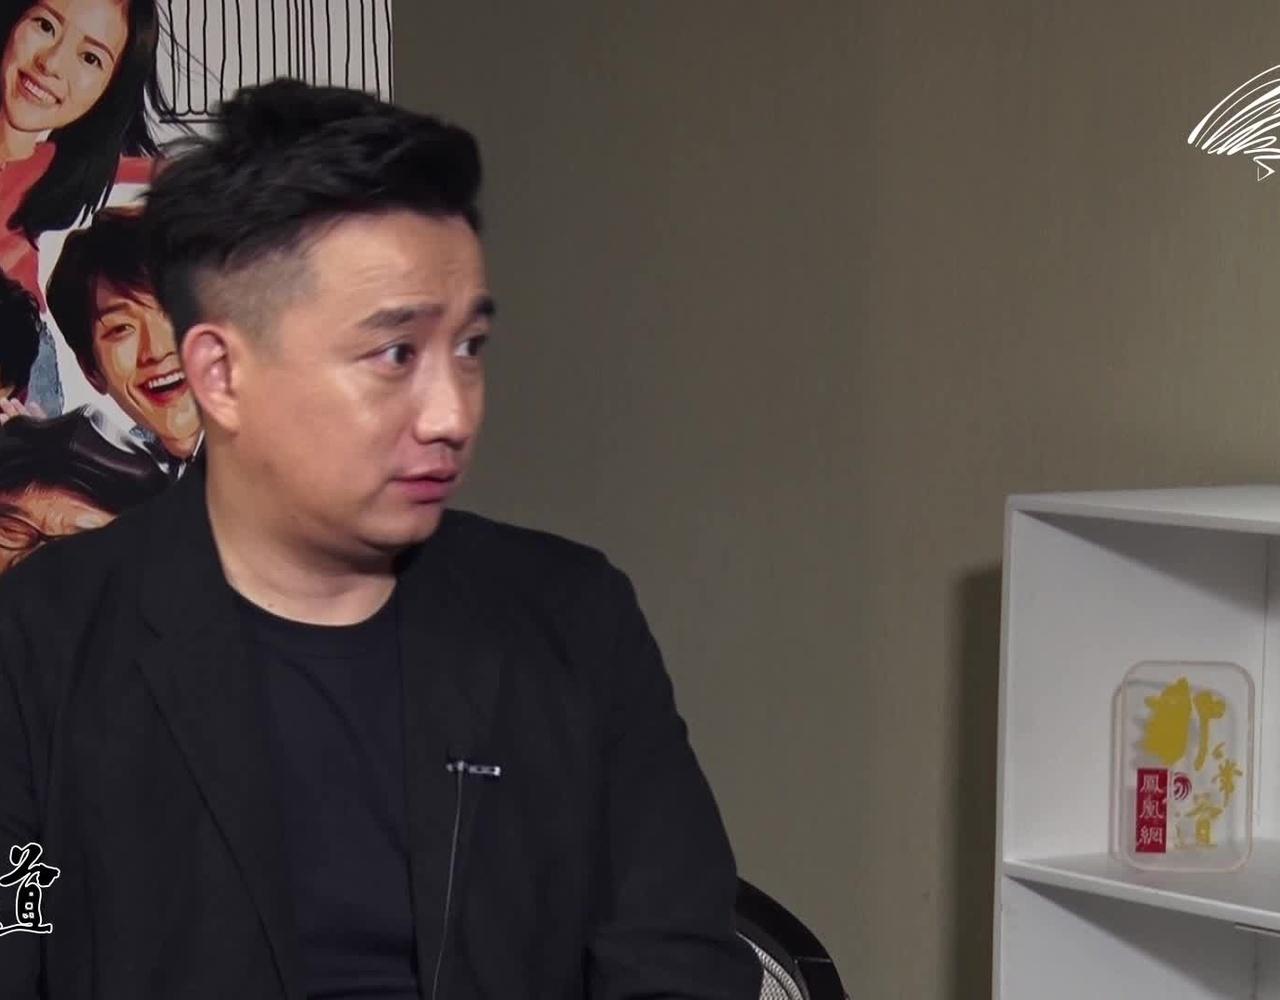 黄磊:在我长发飘飘的年代就给媳妇做饭了